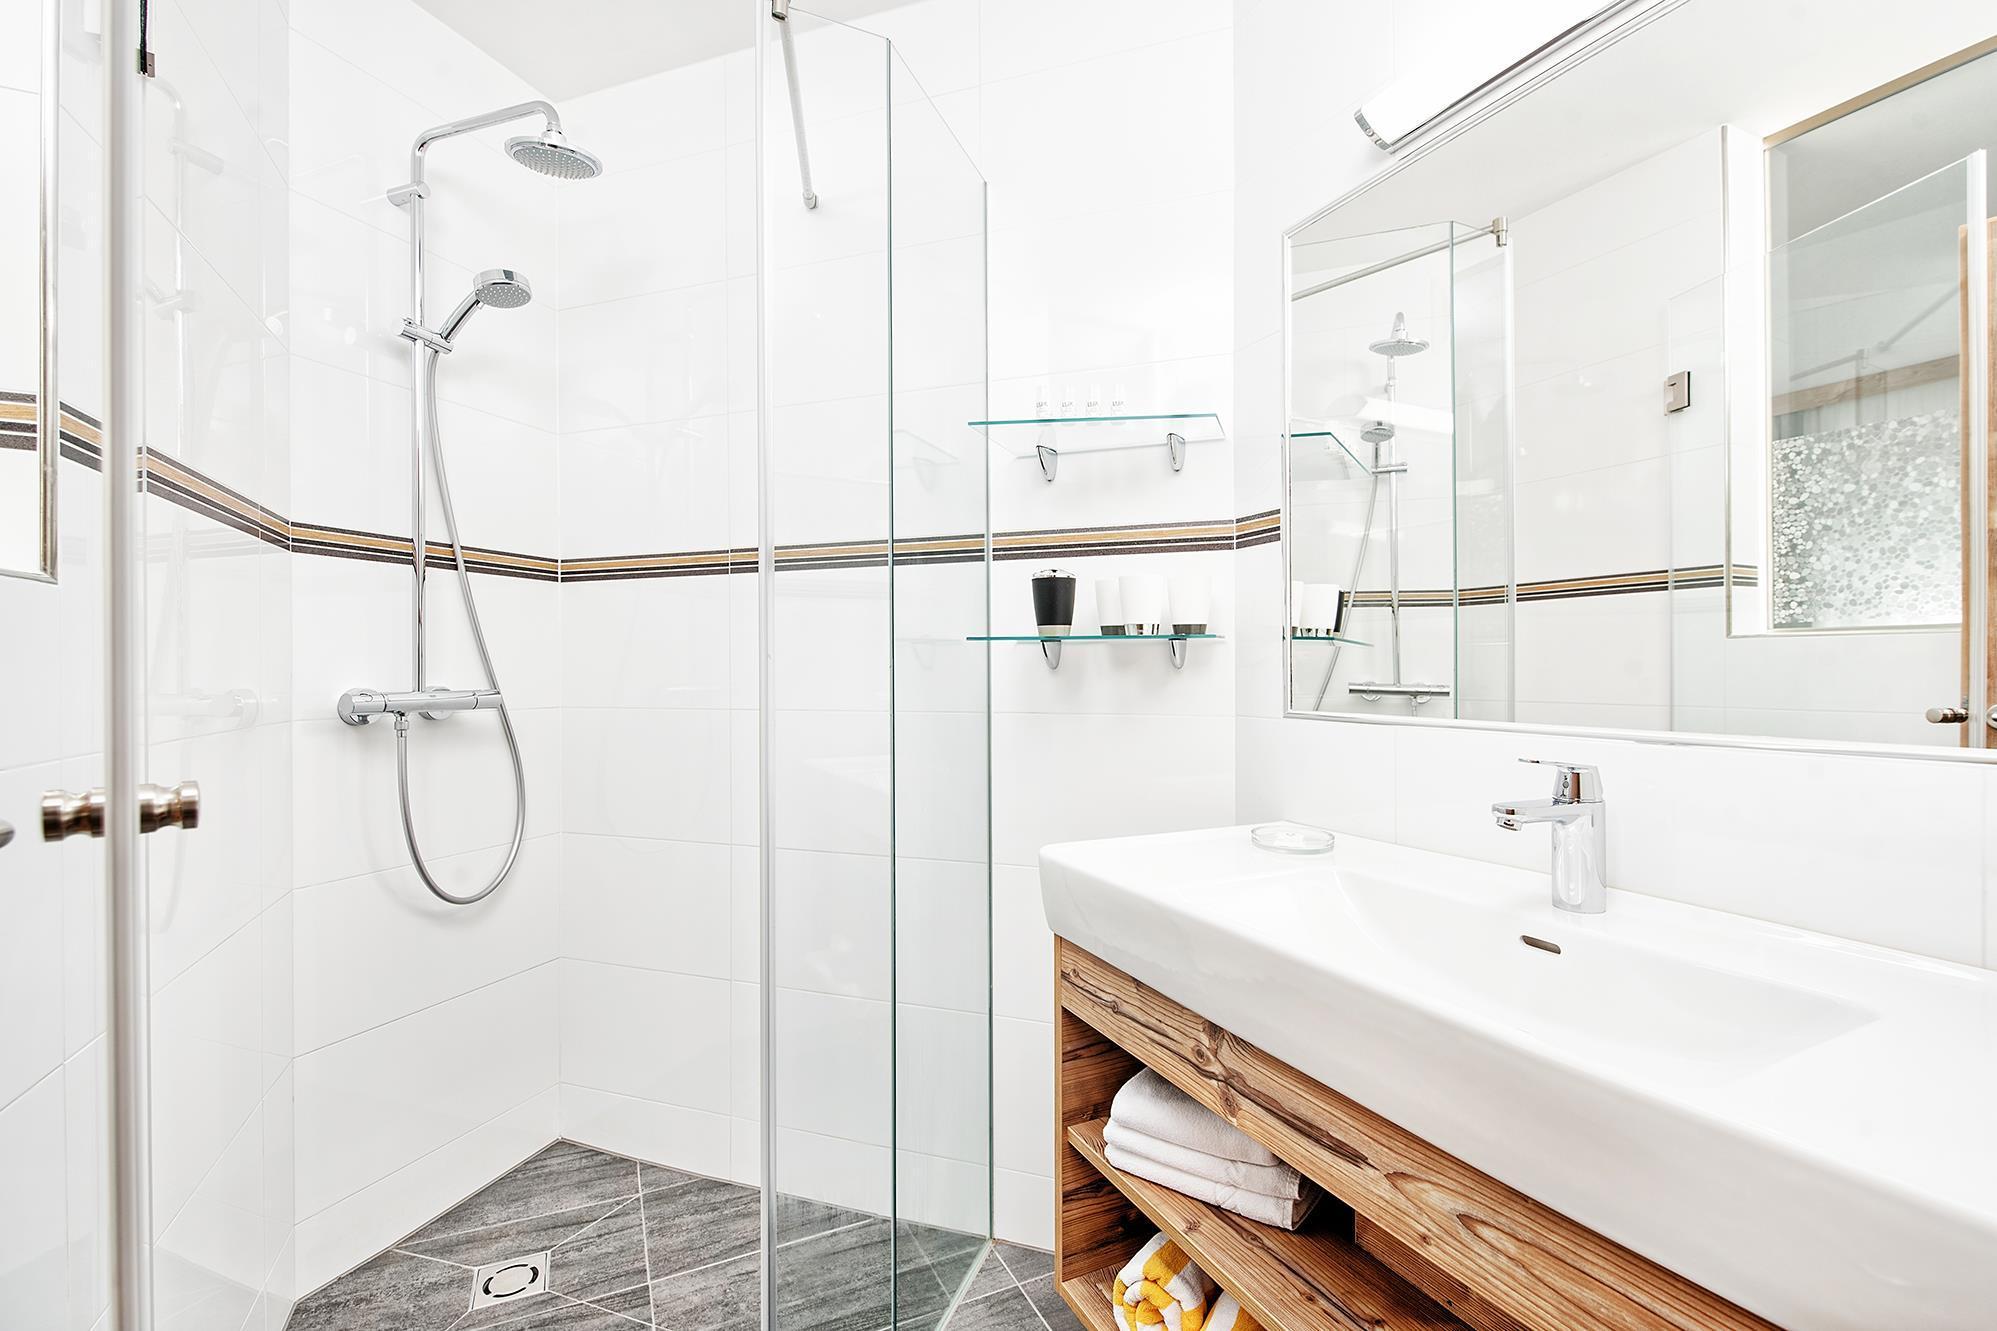 Appartement de vacances Landhaus Parth Ferienwohnung 50 m² 5 Personen (2372142), Ossiach, Lac Ossiach, Carinthie, Autriche, image 78